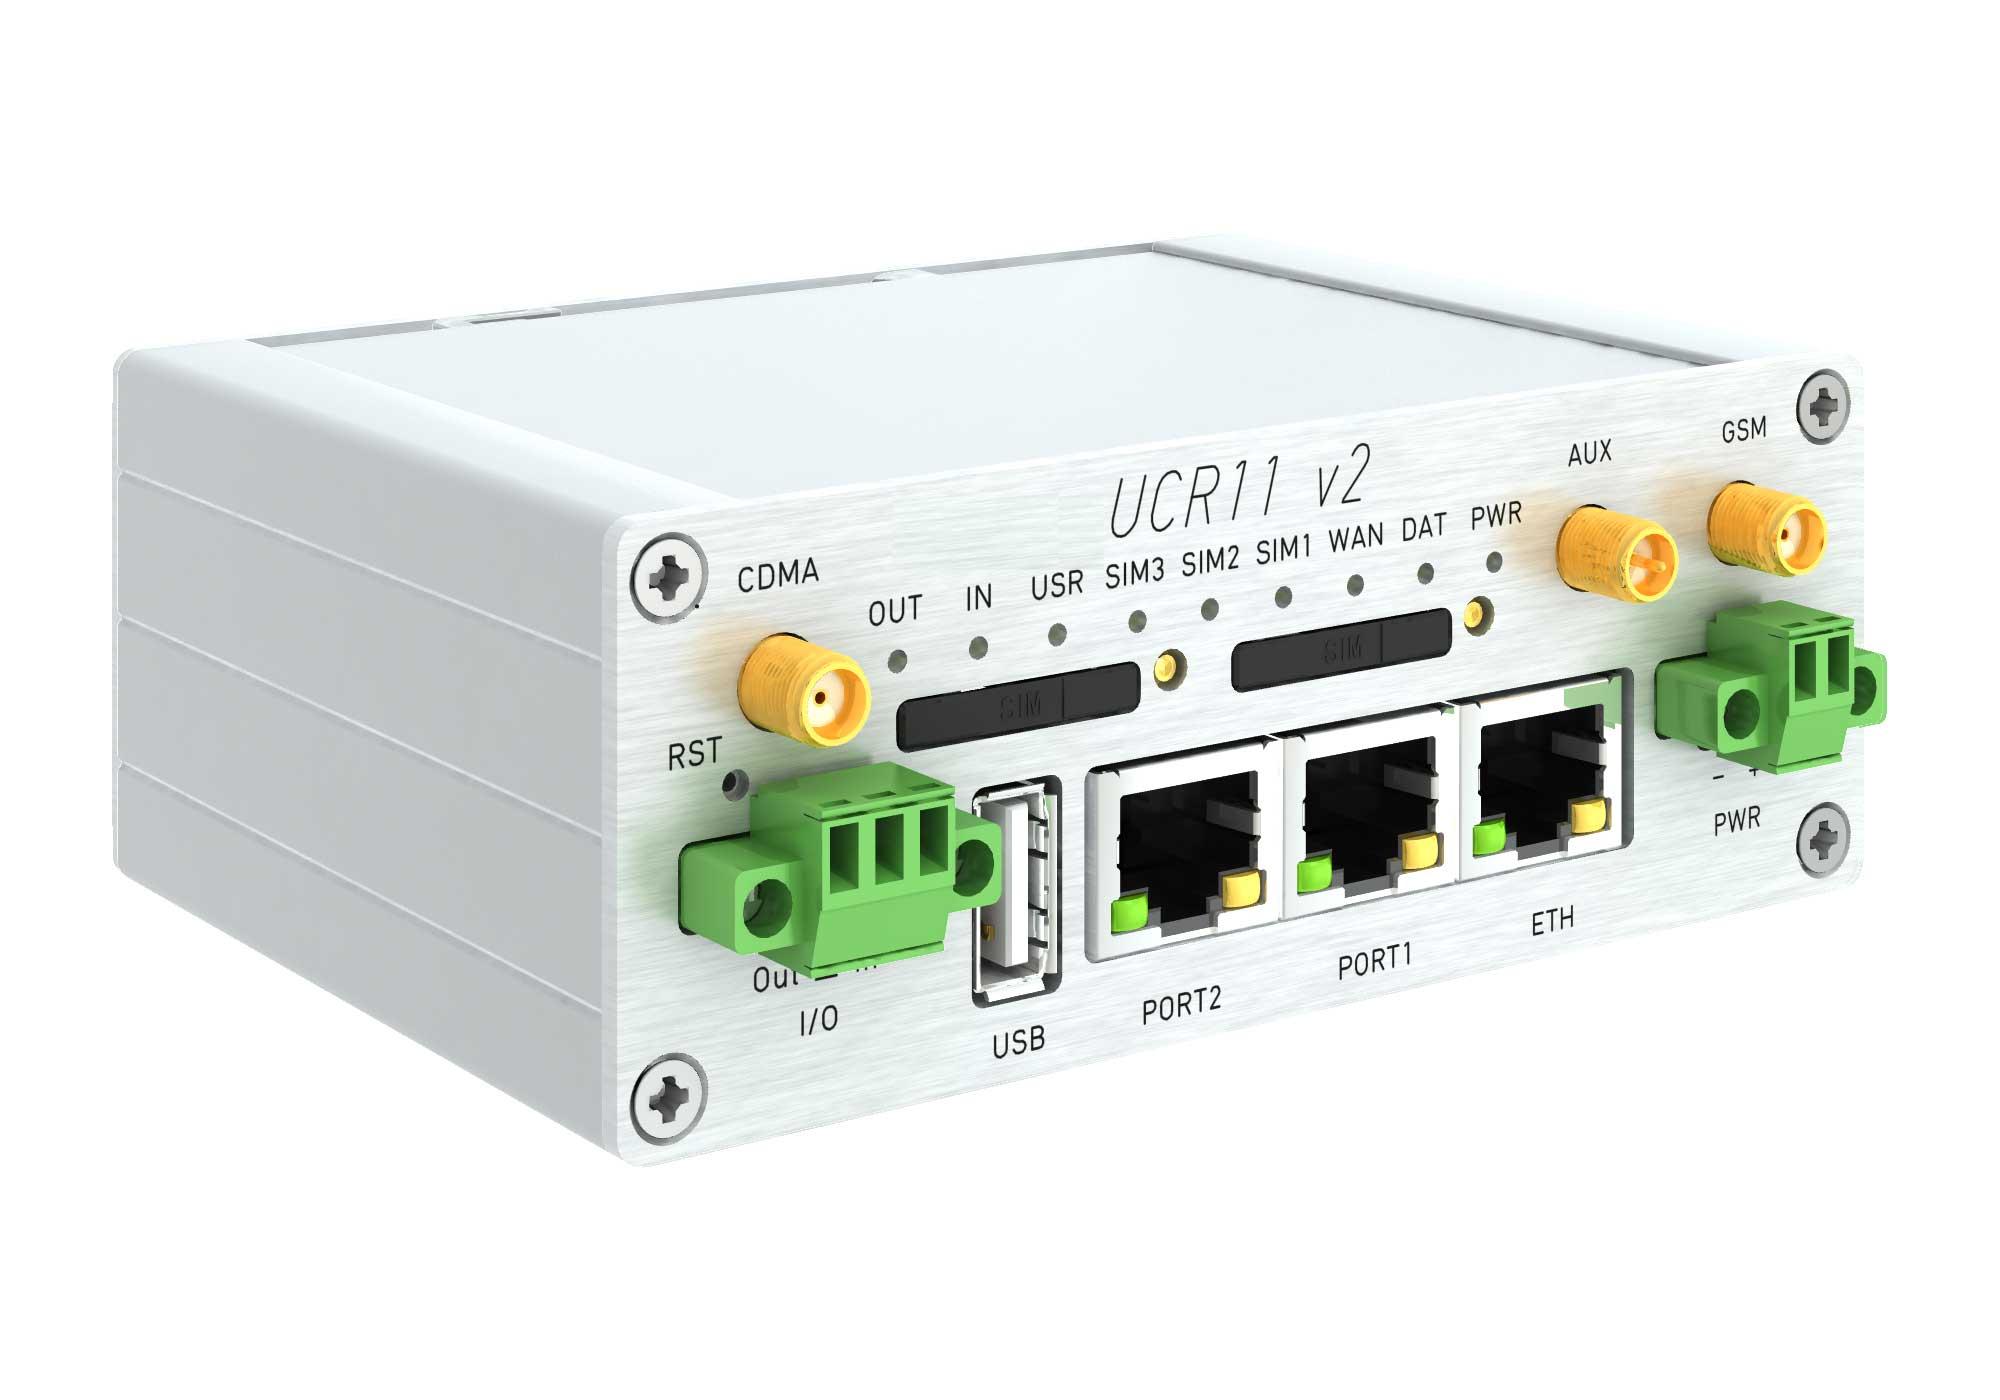 UMTS/CDMA ROUTER UCR11 V2